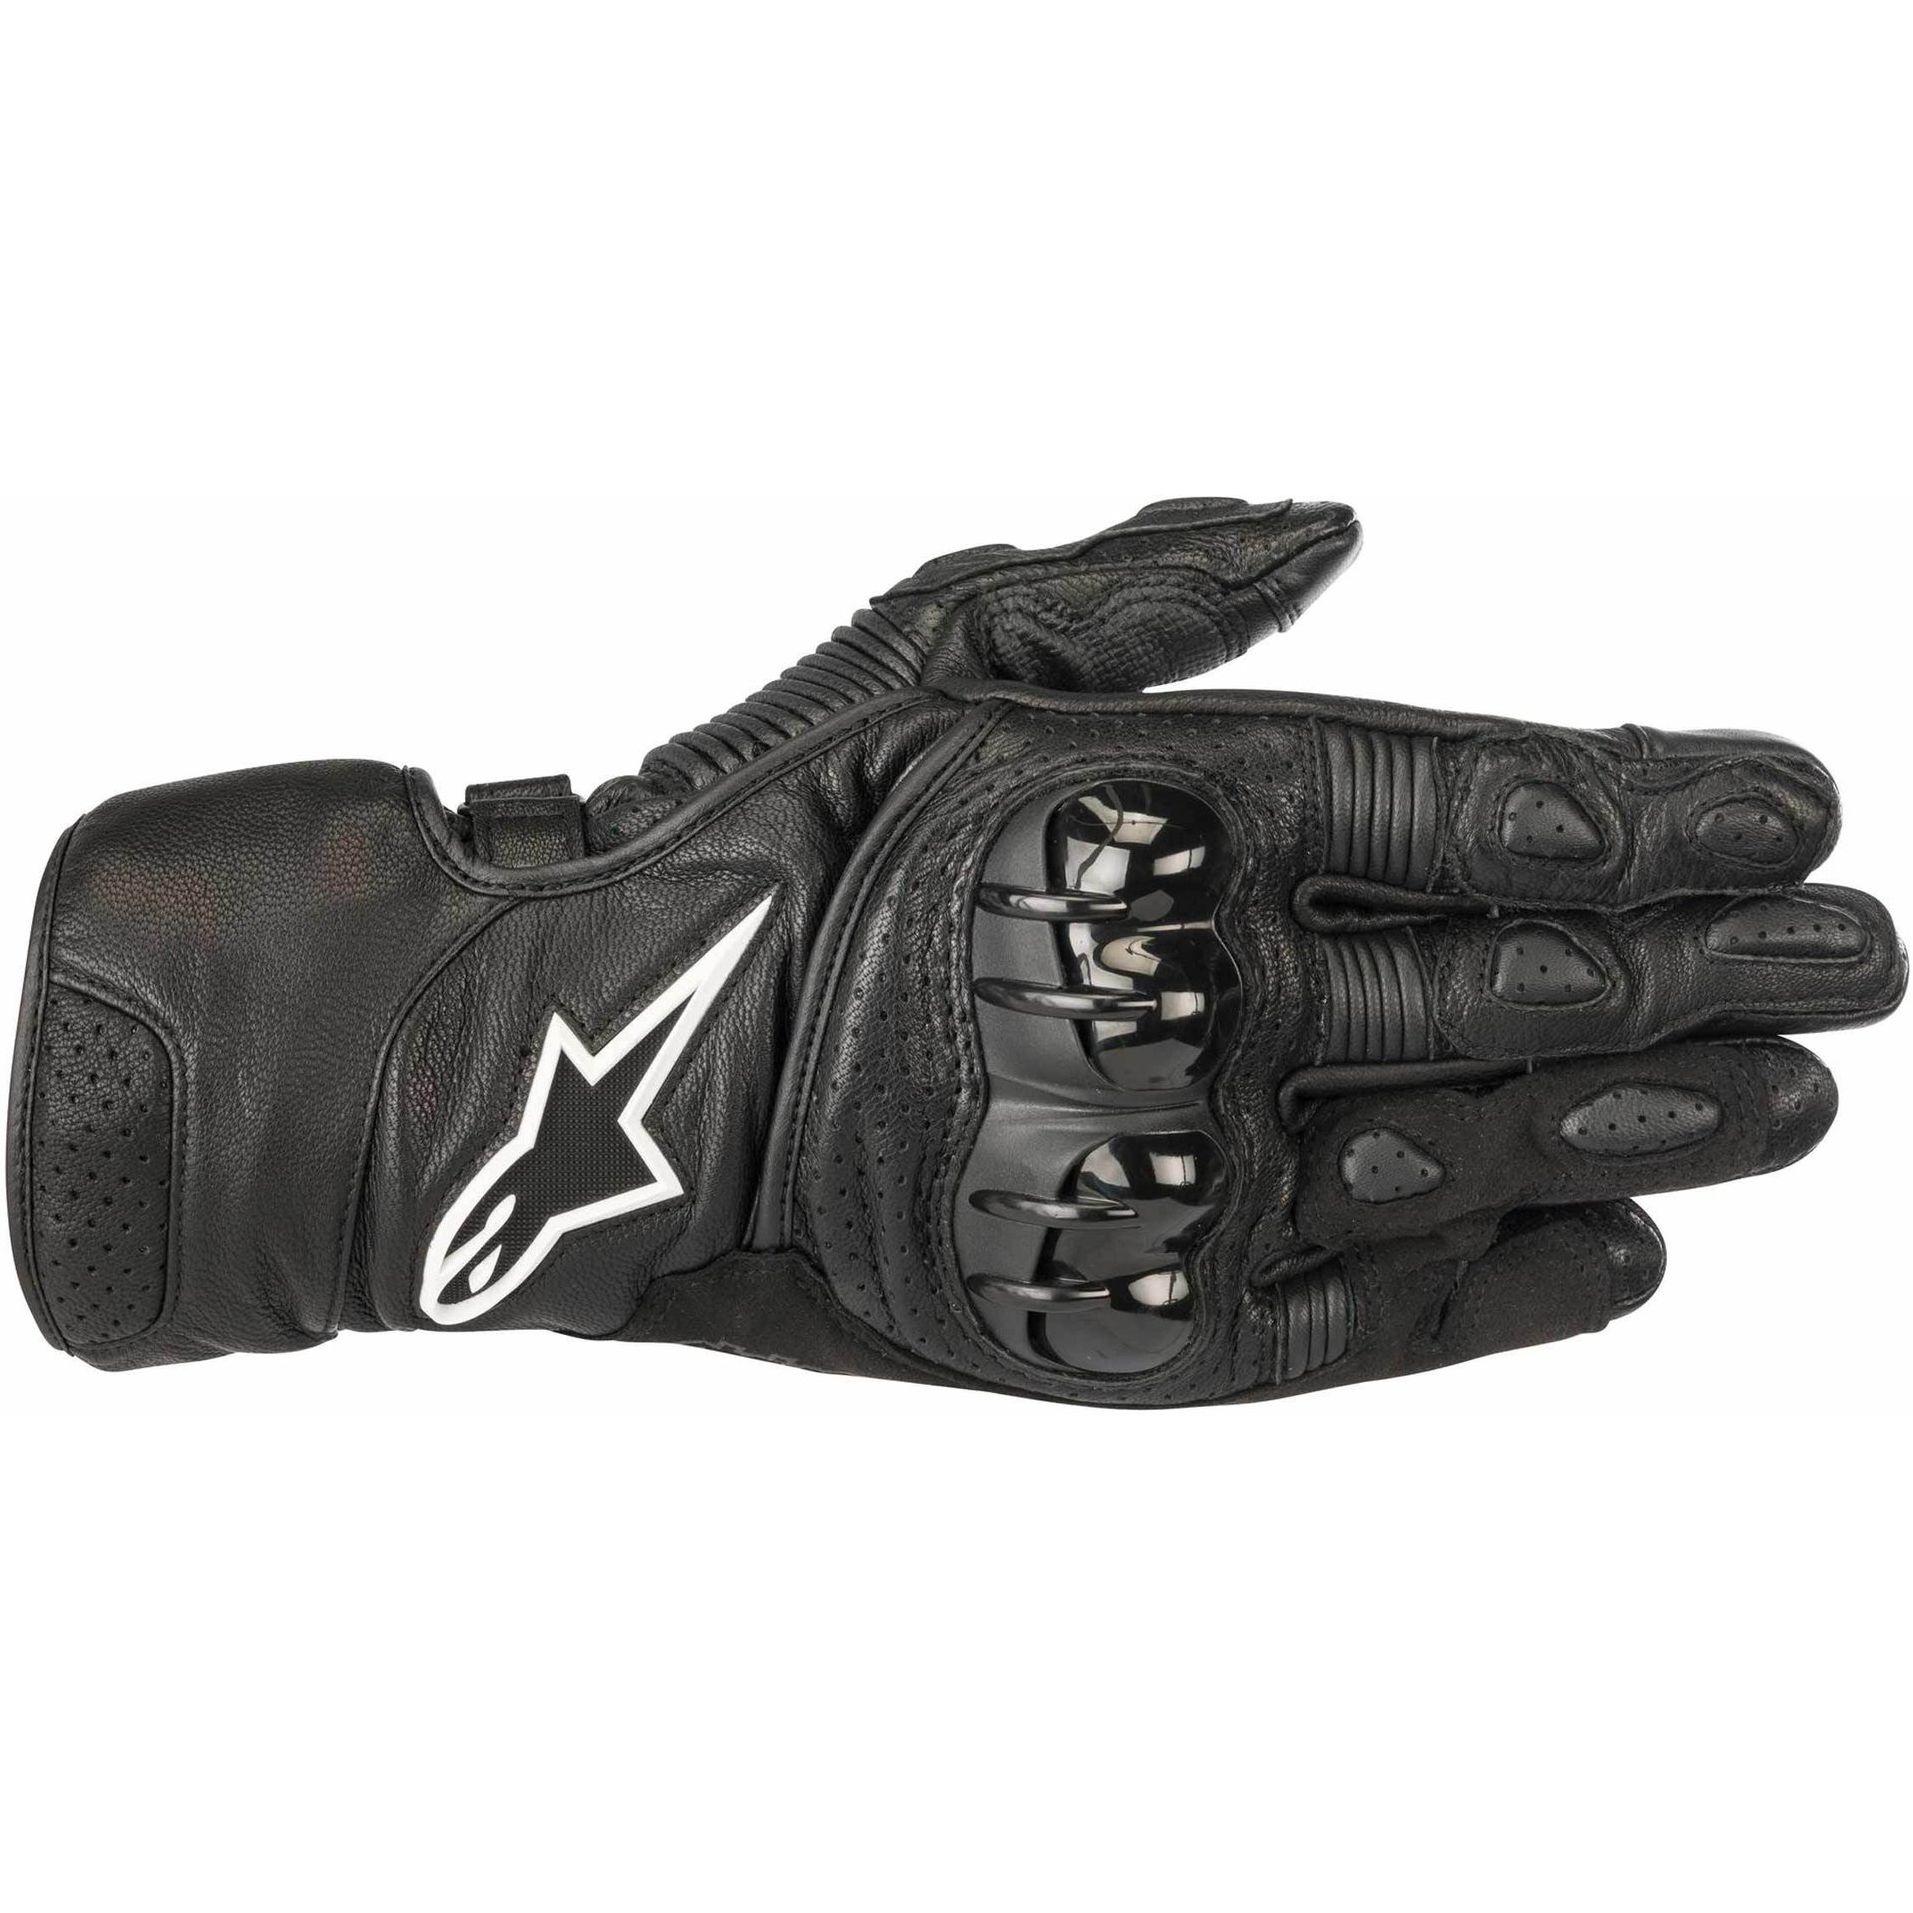 gants alpinestars sp 2 v2 gants moto. Black Bedroom Furniture Sets. Home Design Ideas